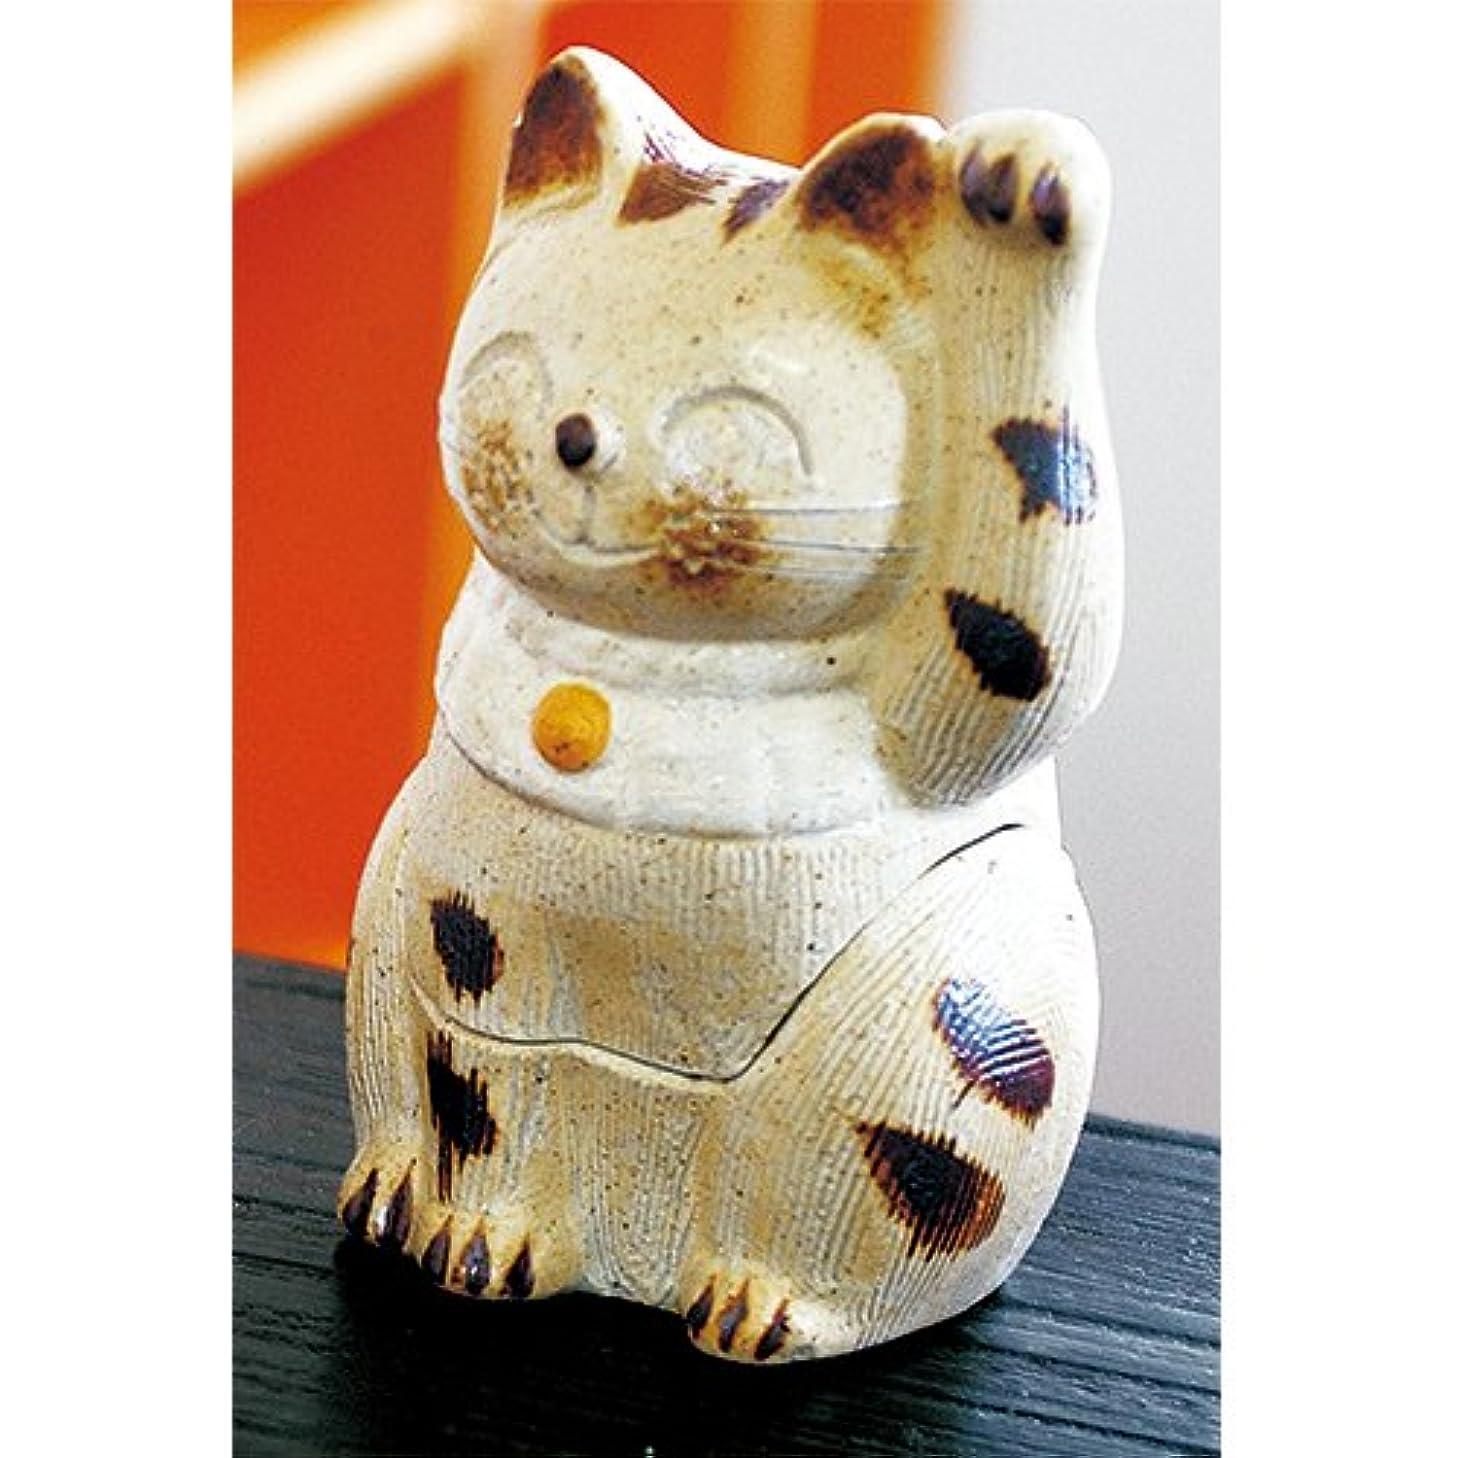 ディレイ共役退院香炉 ひとまねき猫 香炉(中) [H12.5cm] HANDMADE プレゼント ギフト 和食器 かわいい インテリア